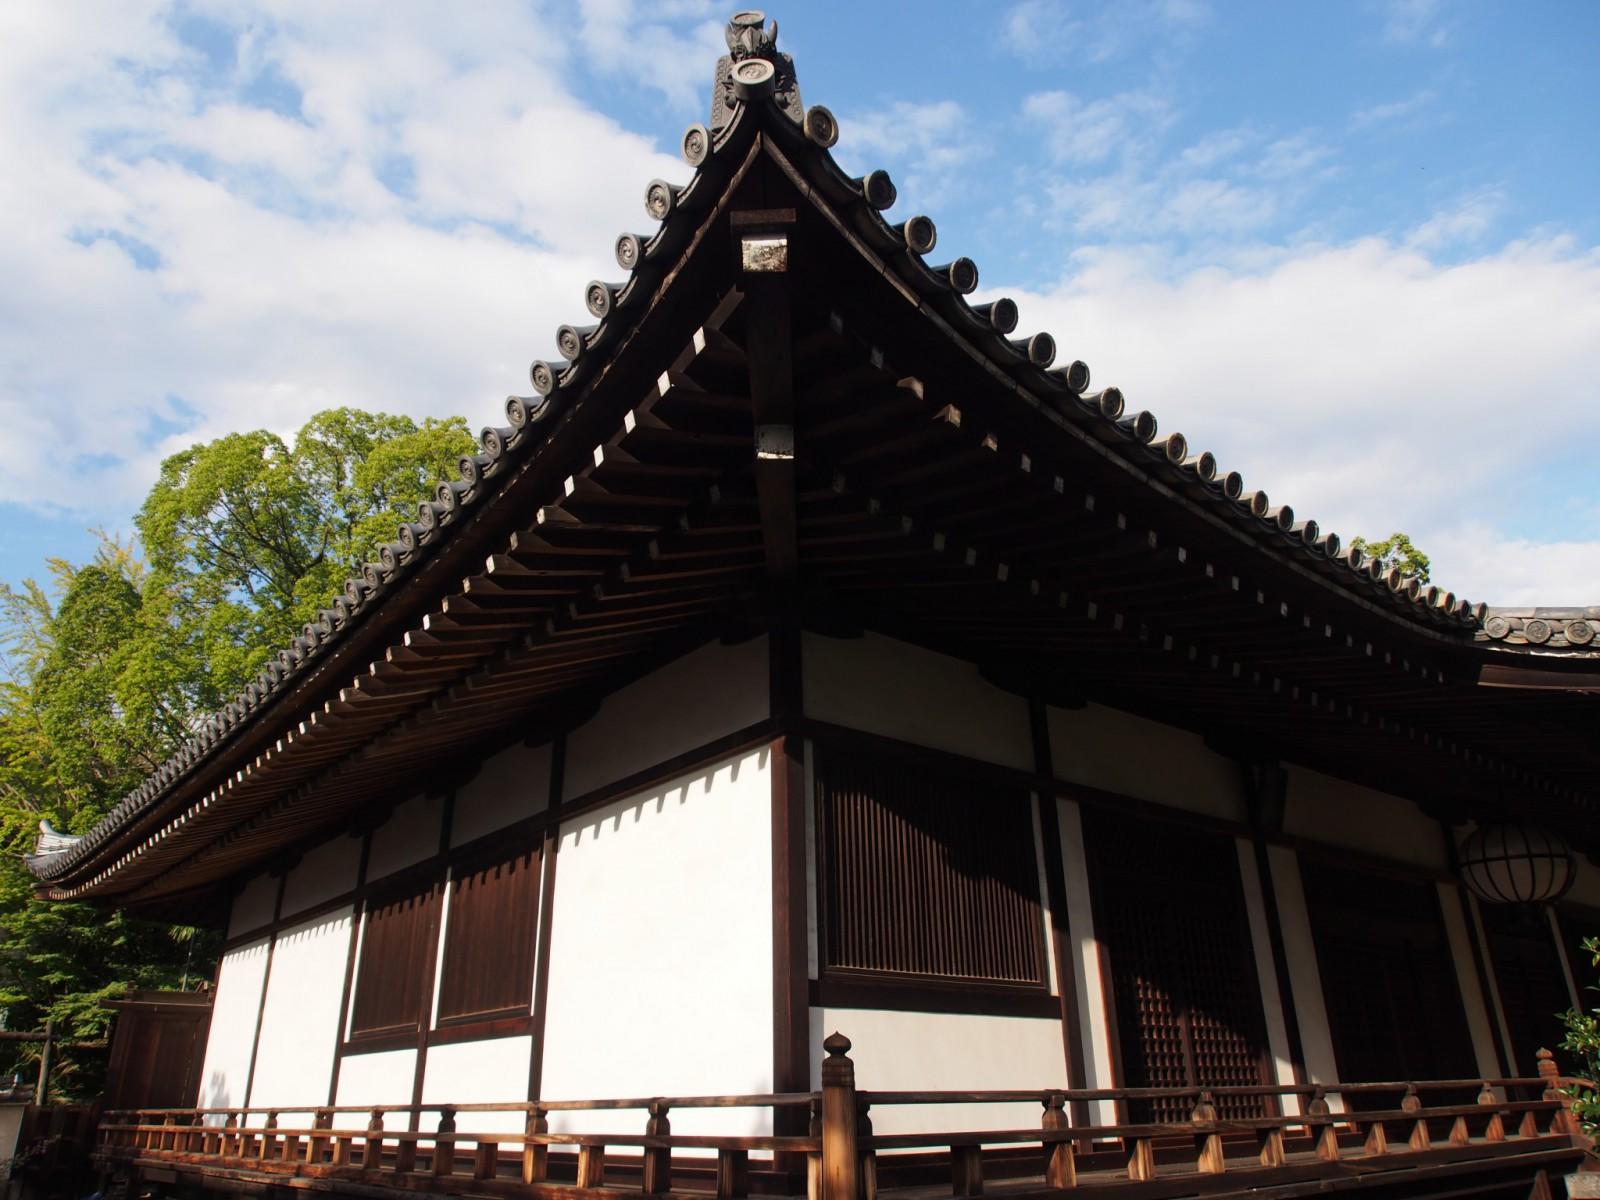 美しい外観を持つ興福寺菩提院